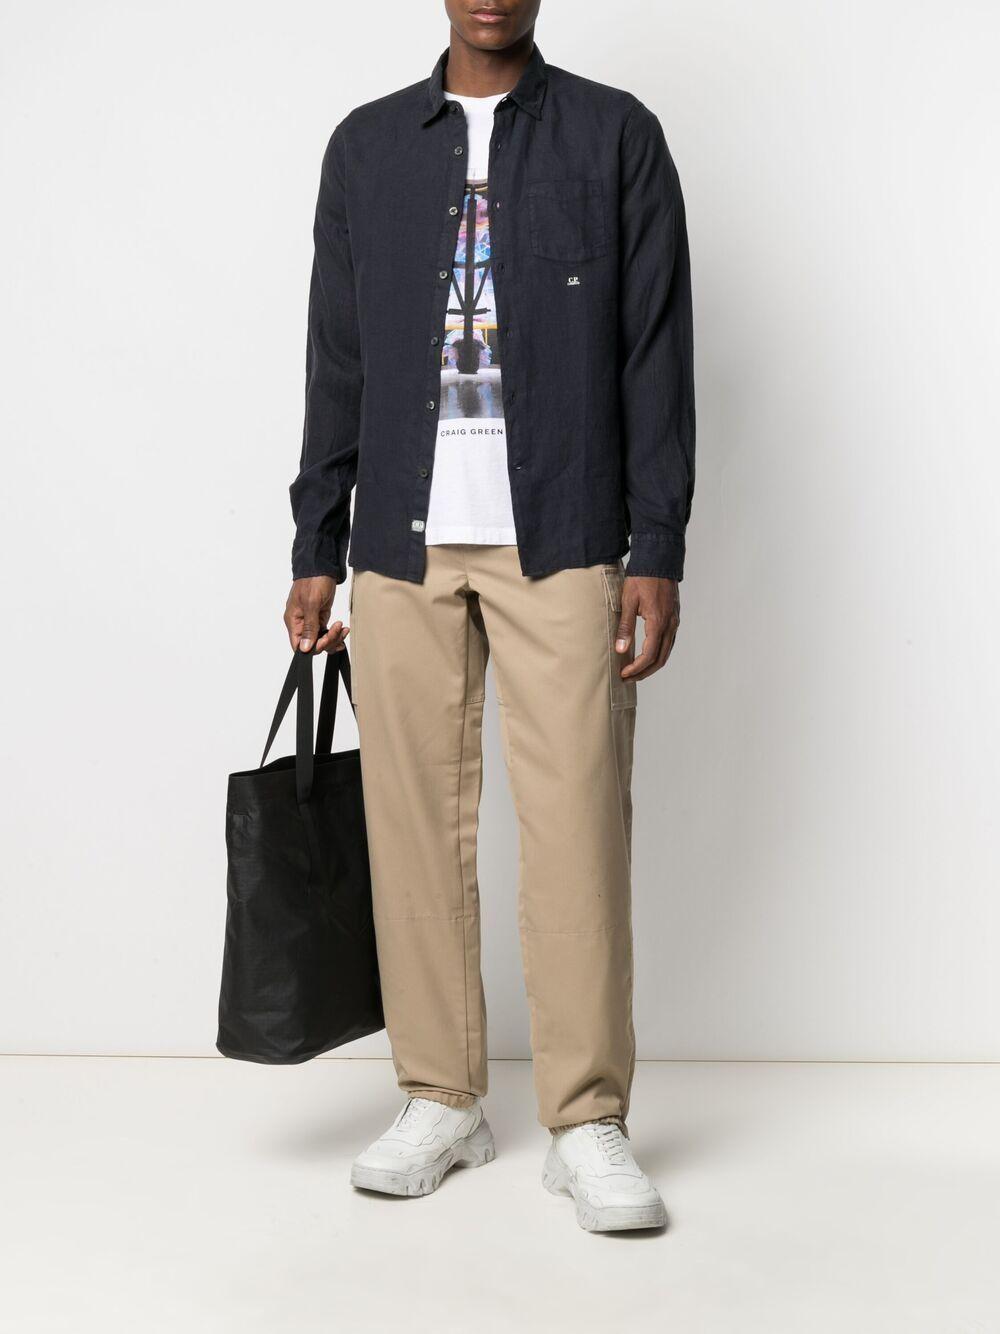 C.p. company camicia in lino con logo ricamato uomo C.P. COMPANY | Camicie | 10CMSH309A005415G888